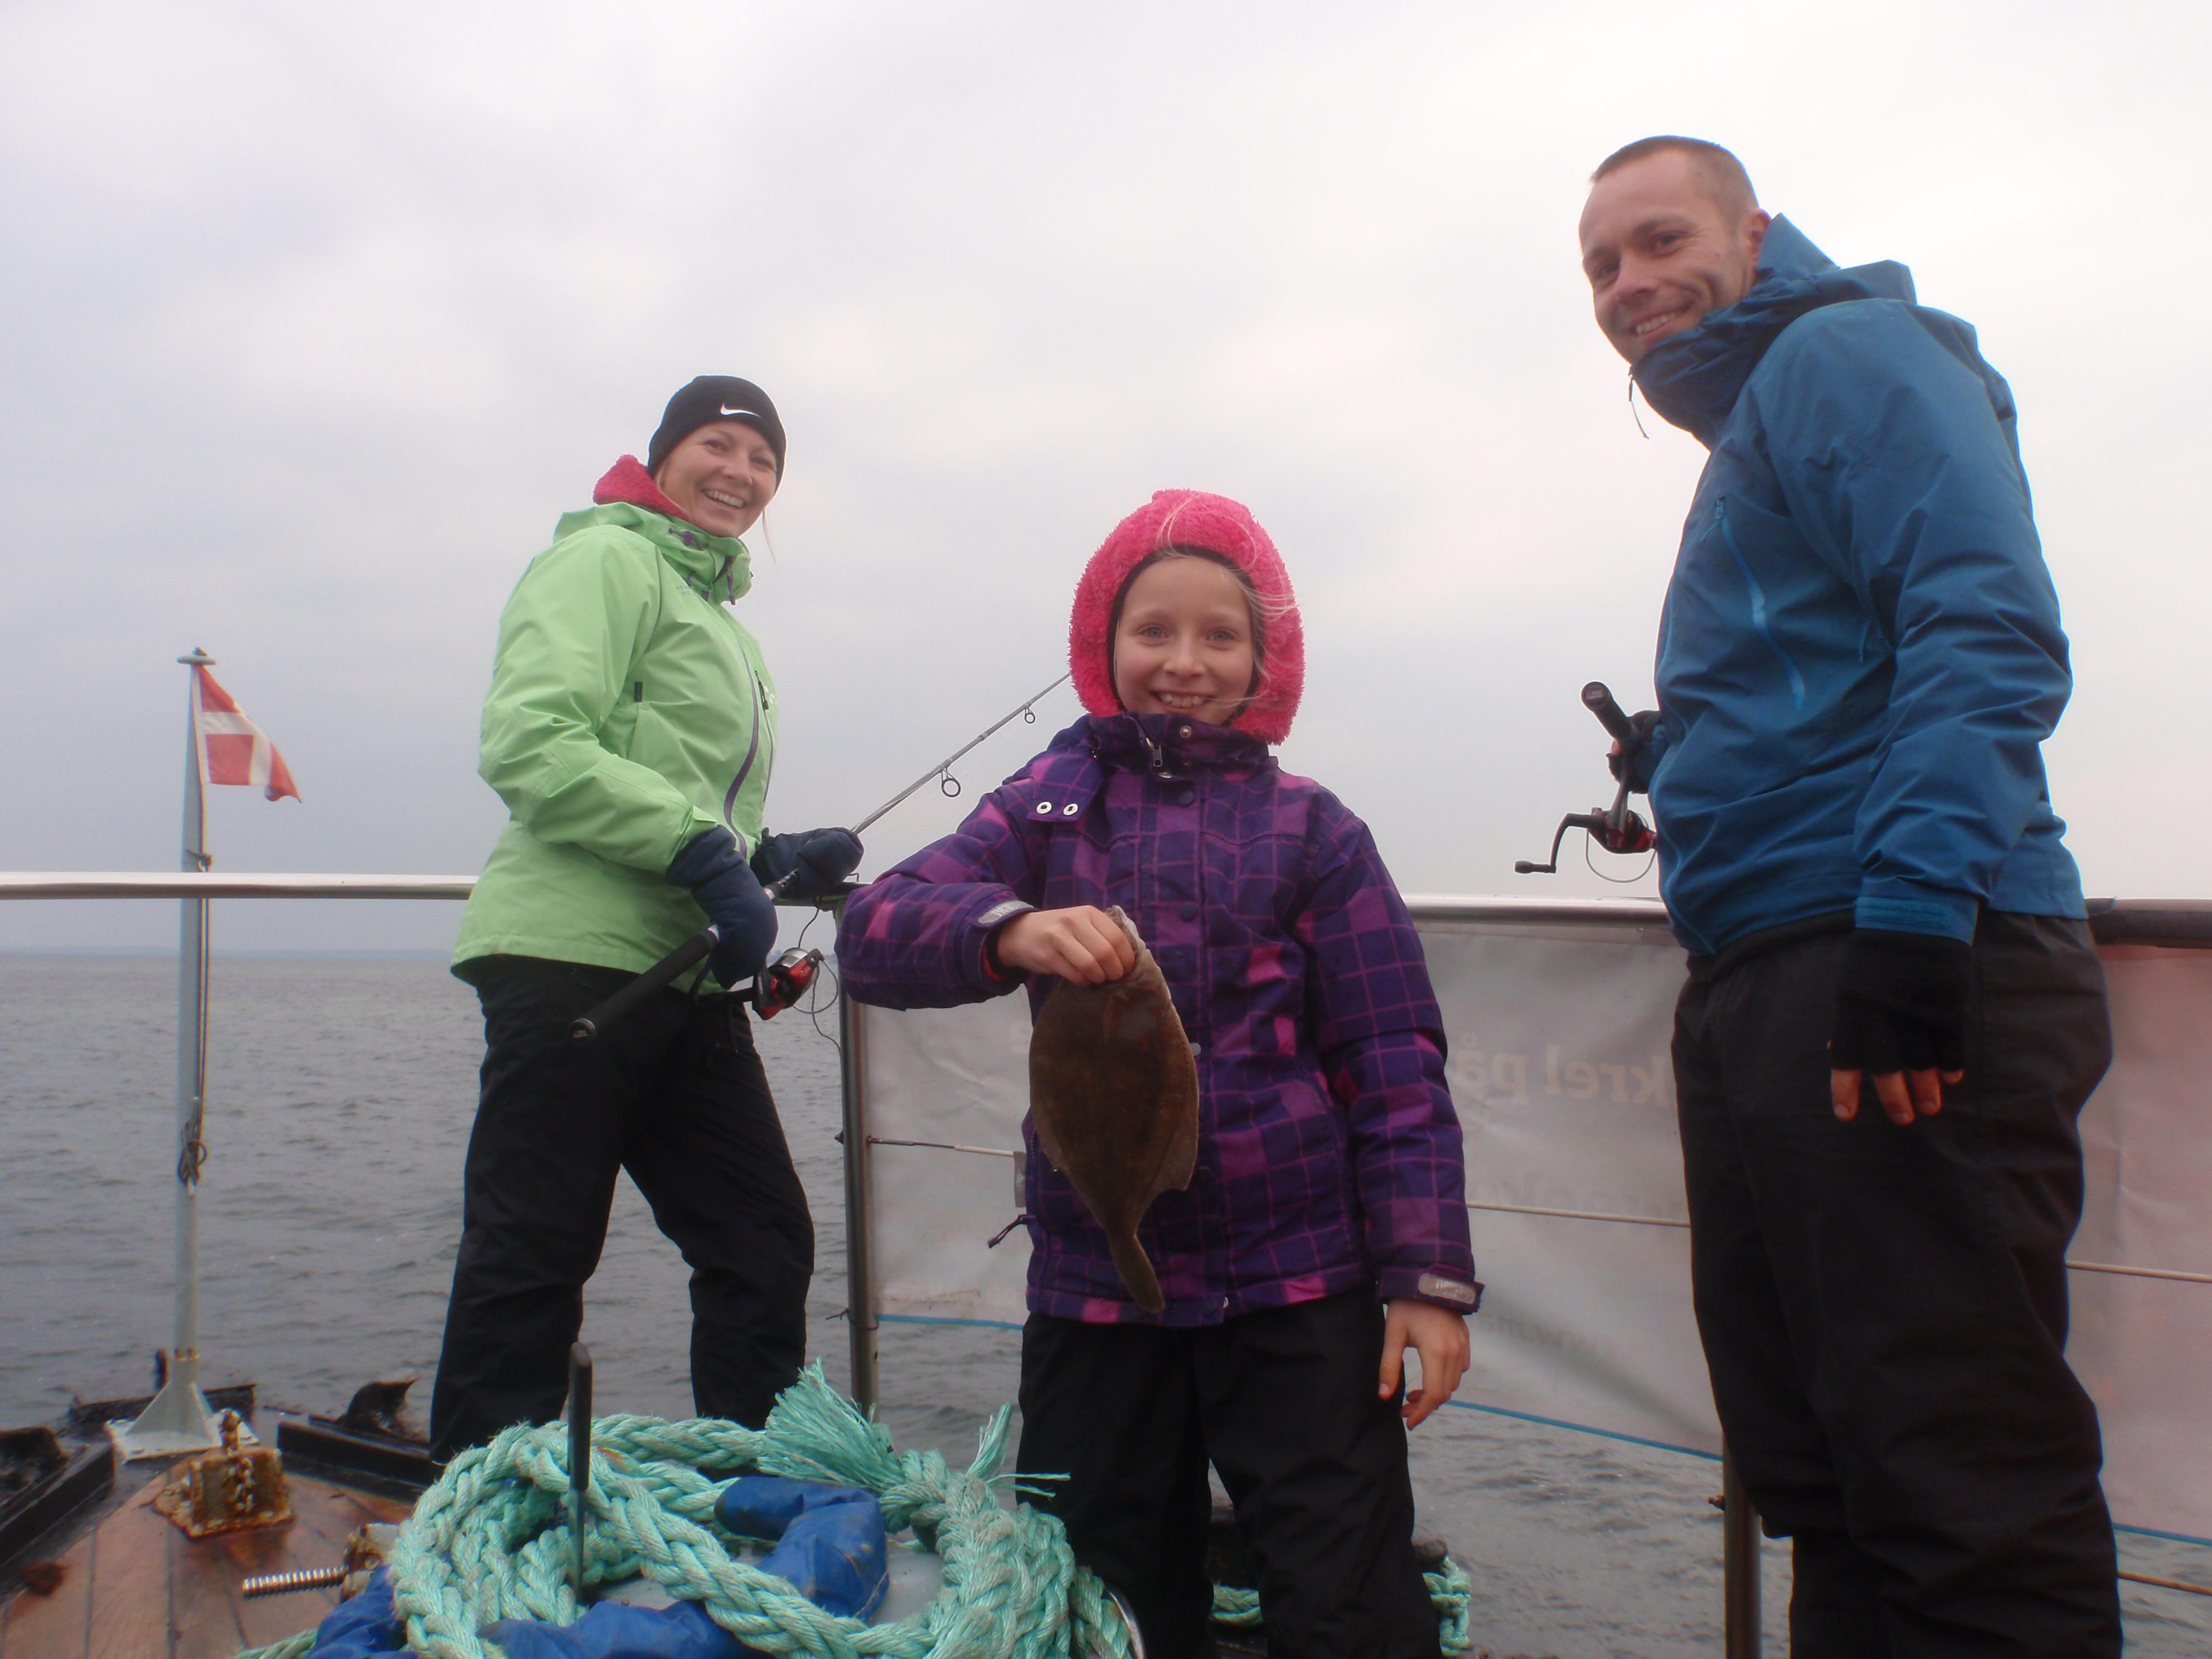 Ni glade familier på fisketur på Marianne F. Alle på turen fisk fisk med hjem og fik en fantastisk oplevelse med fiskeriet.